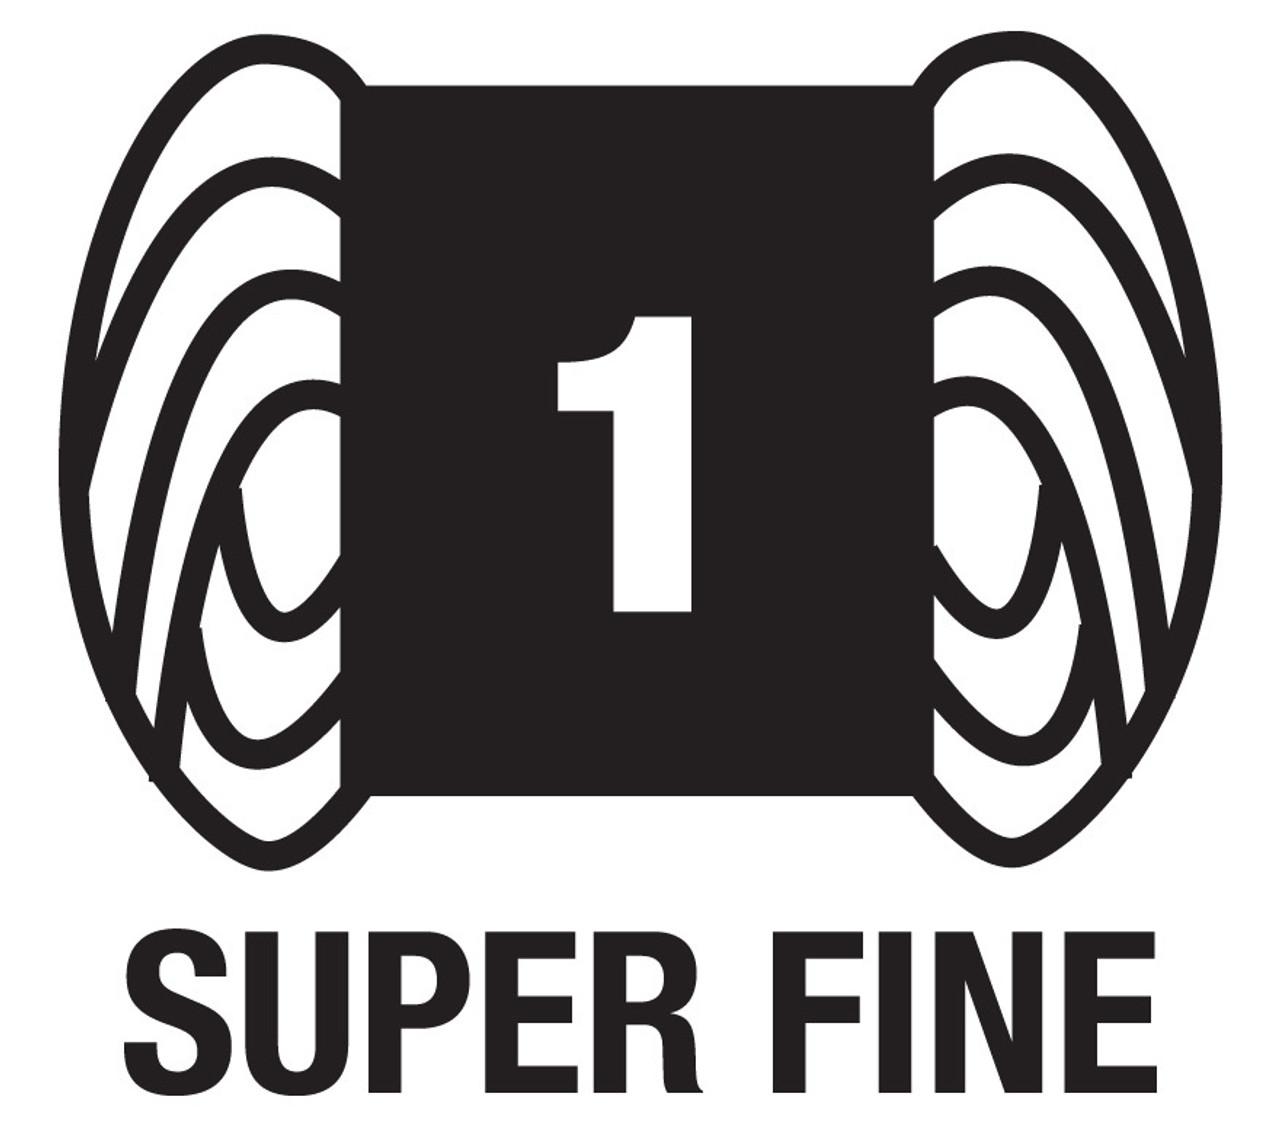 1-Superfine